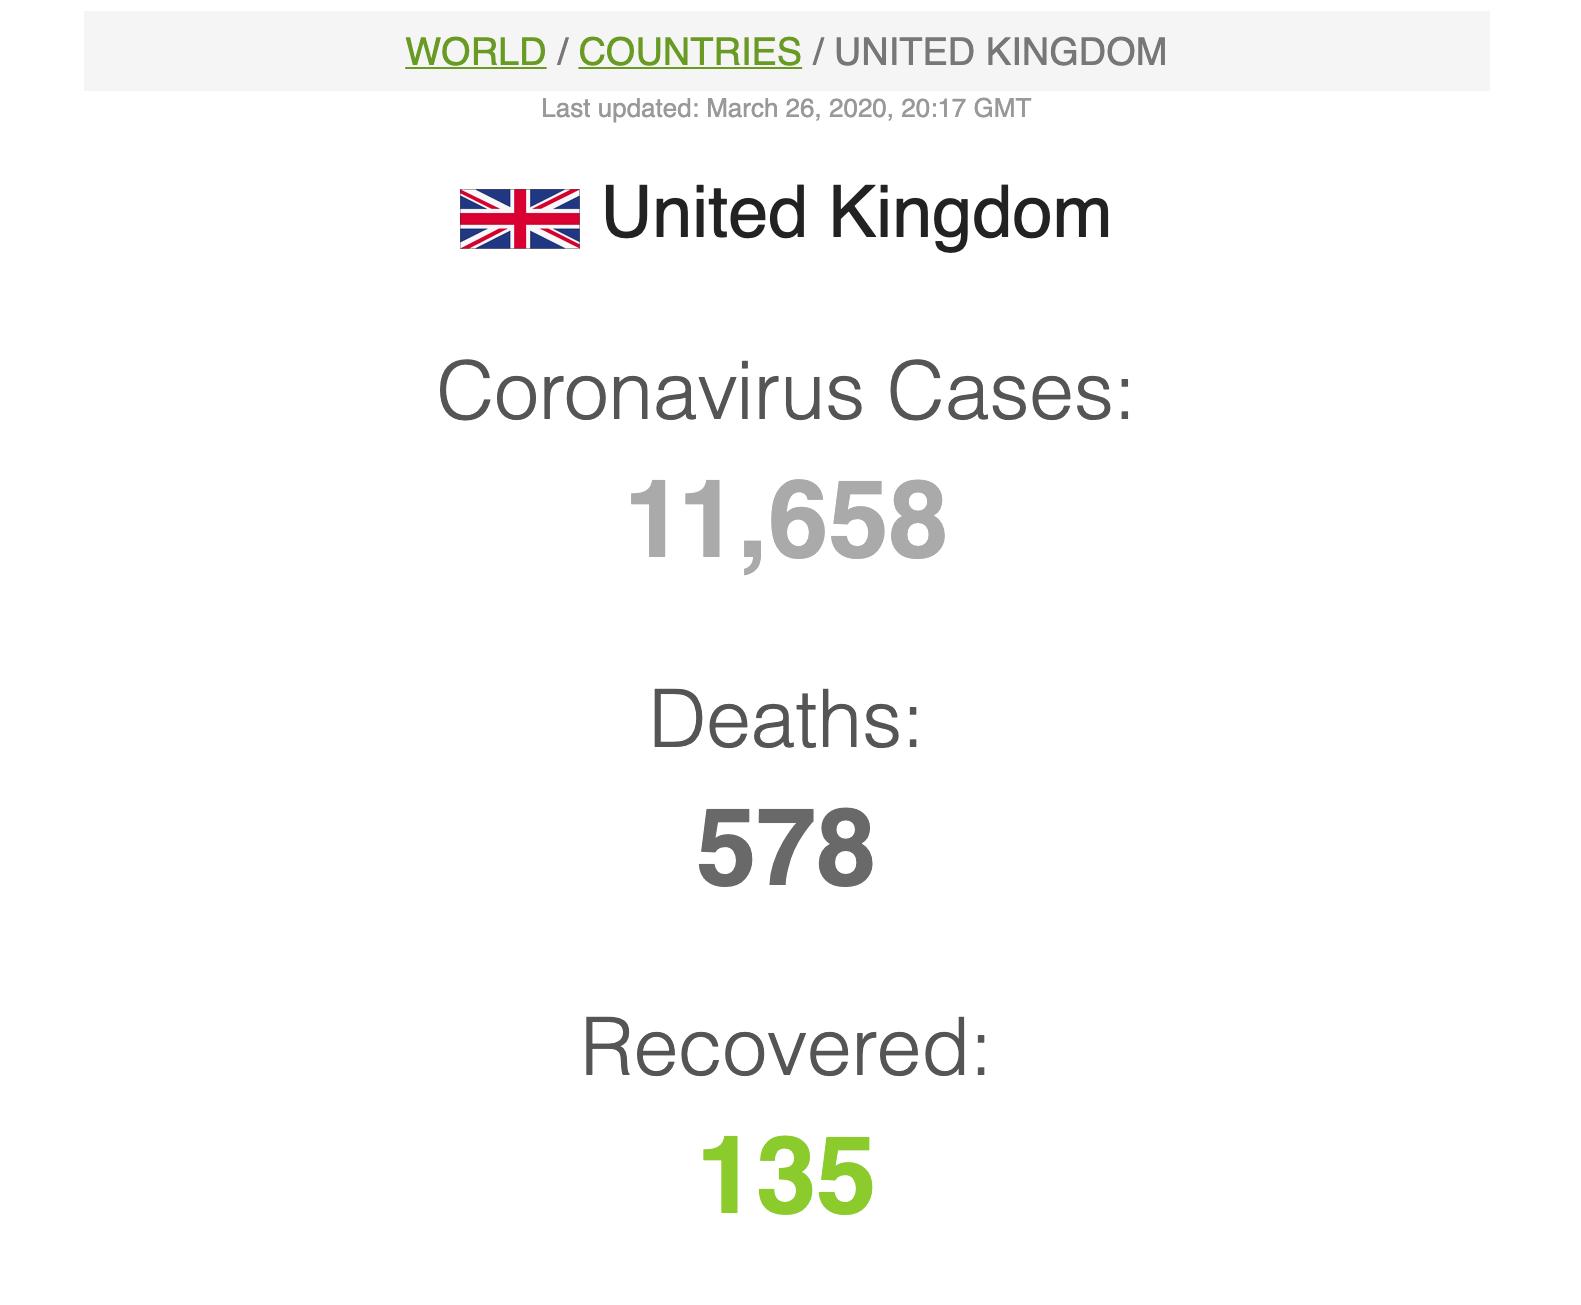 30 μέρες μετά: Αυτά είναι τα νούμερα των 3 χωρών της Ευρώπης που επέλεξαν την «Ανοσία της αγέλης»